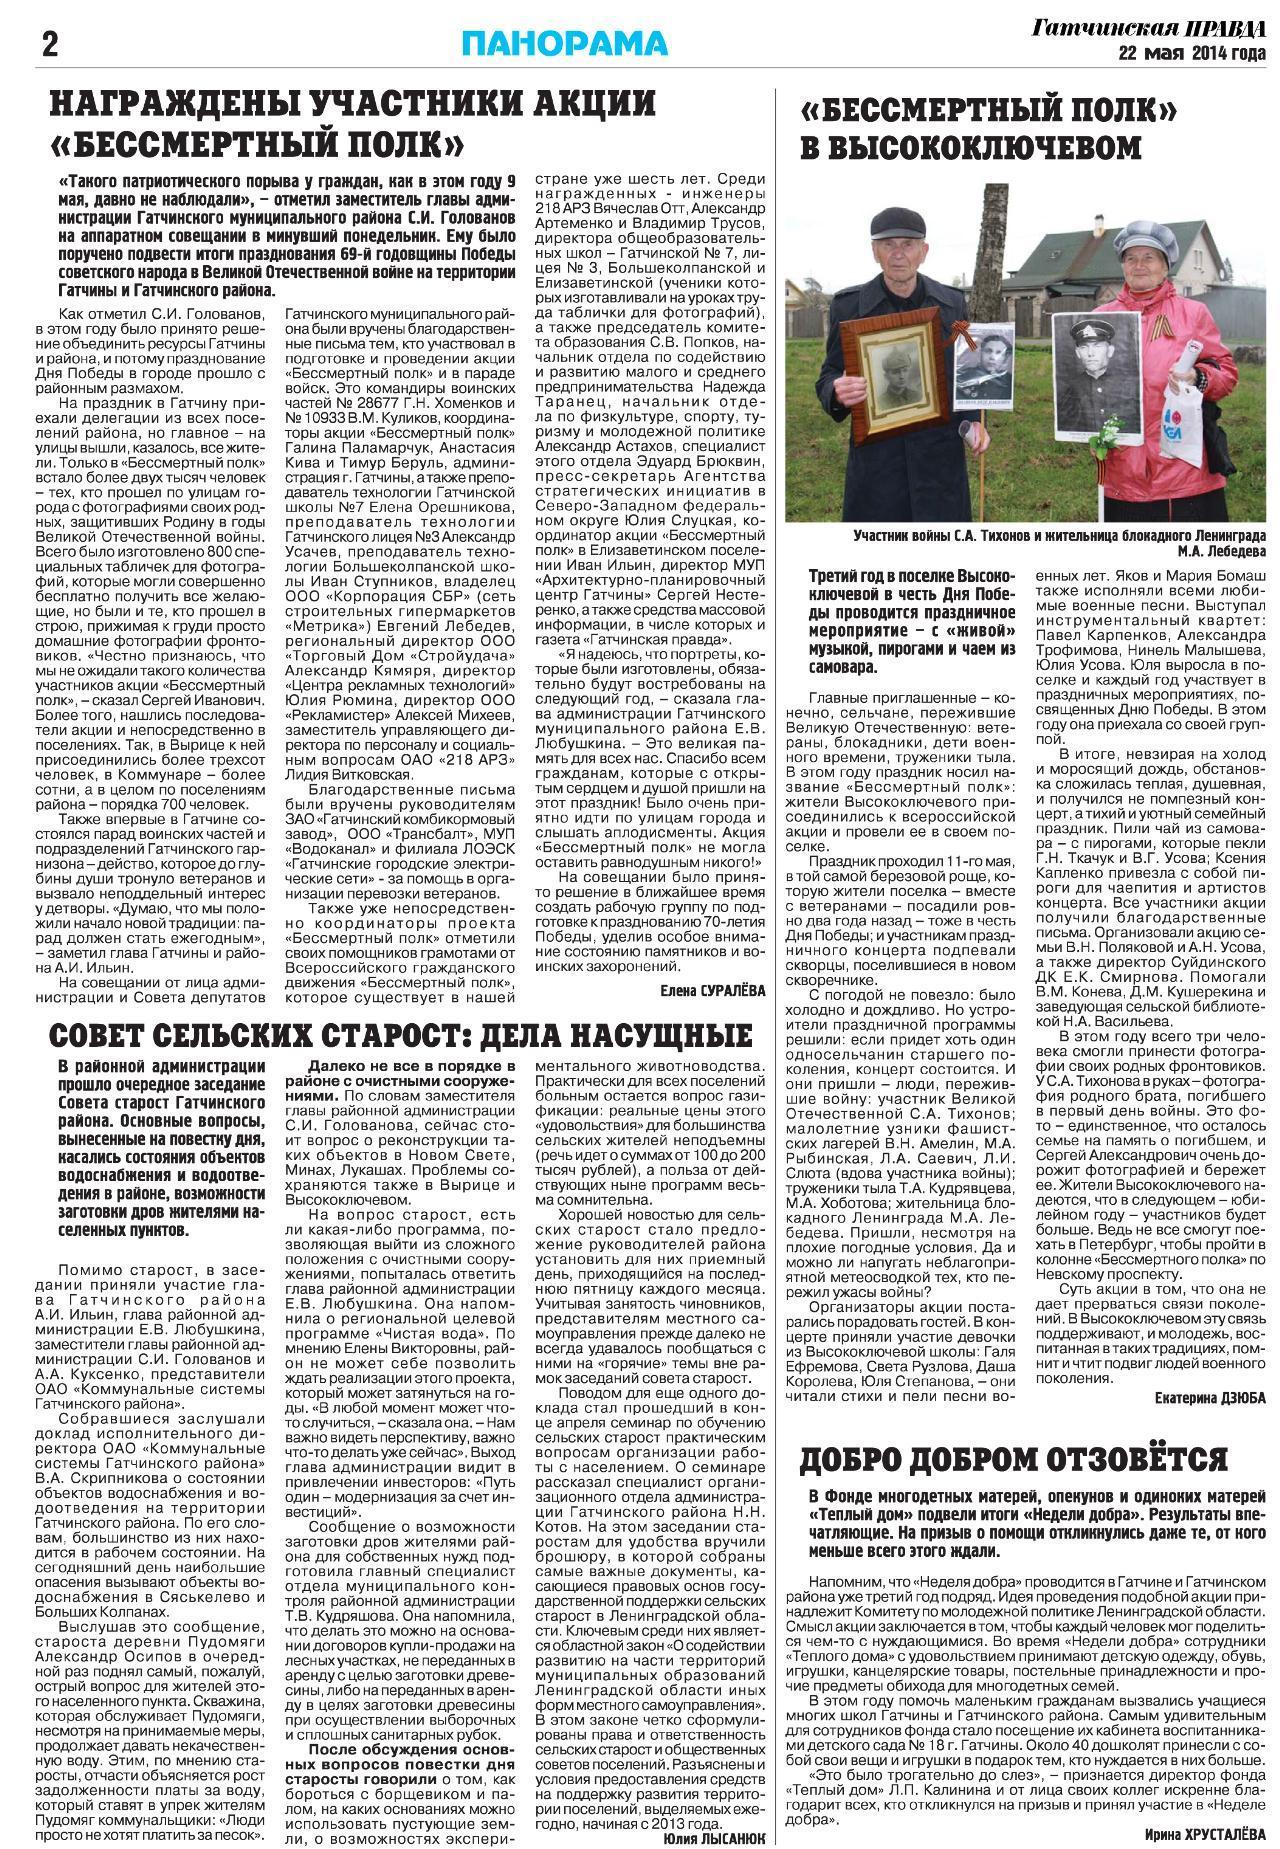 Гатчинская правда №55 от 22 мая 2014 года